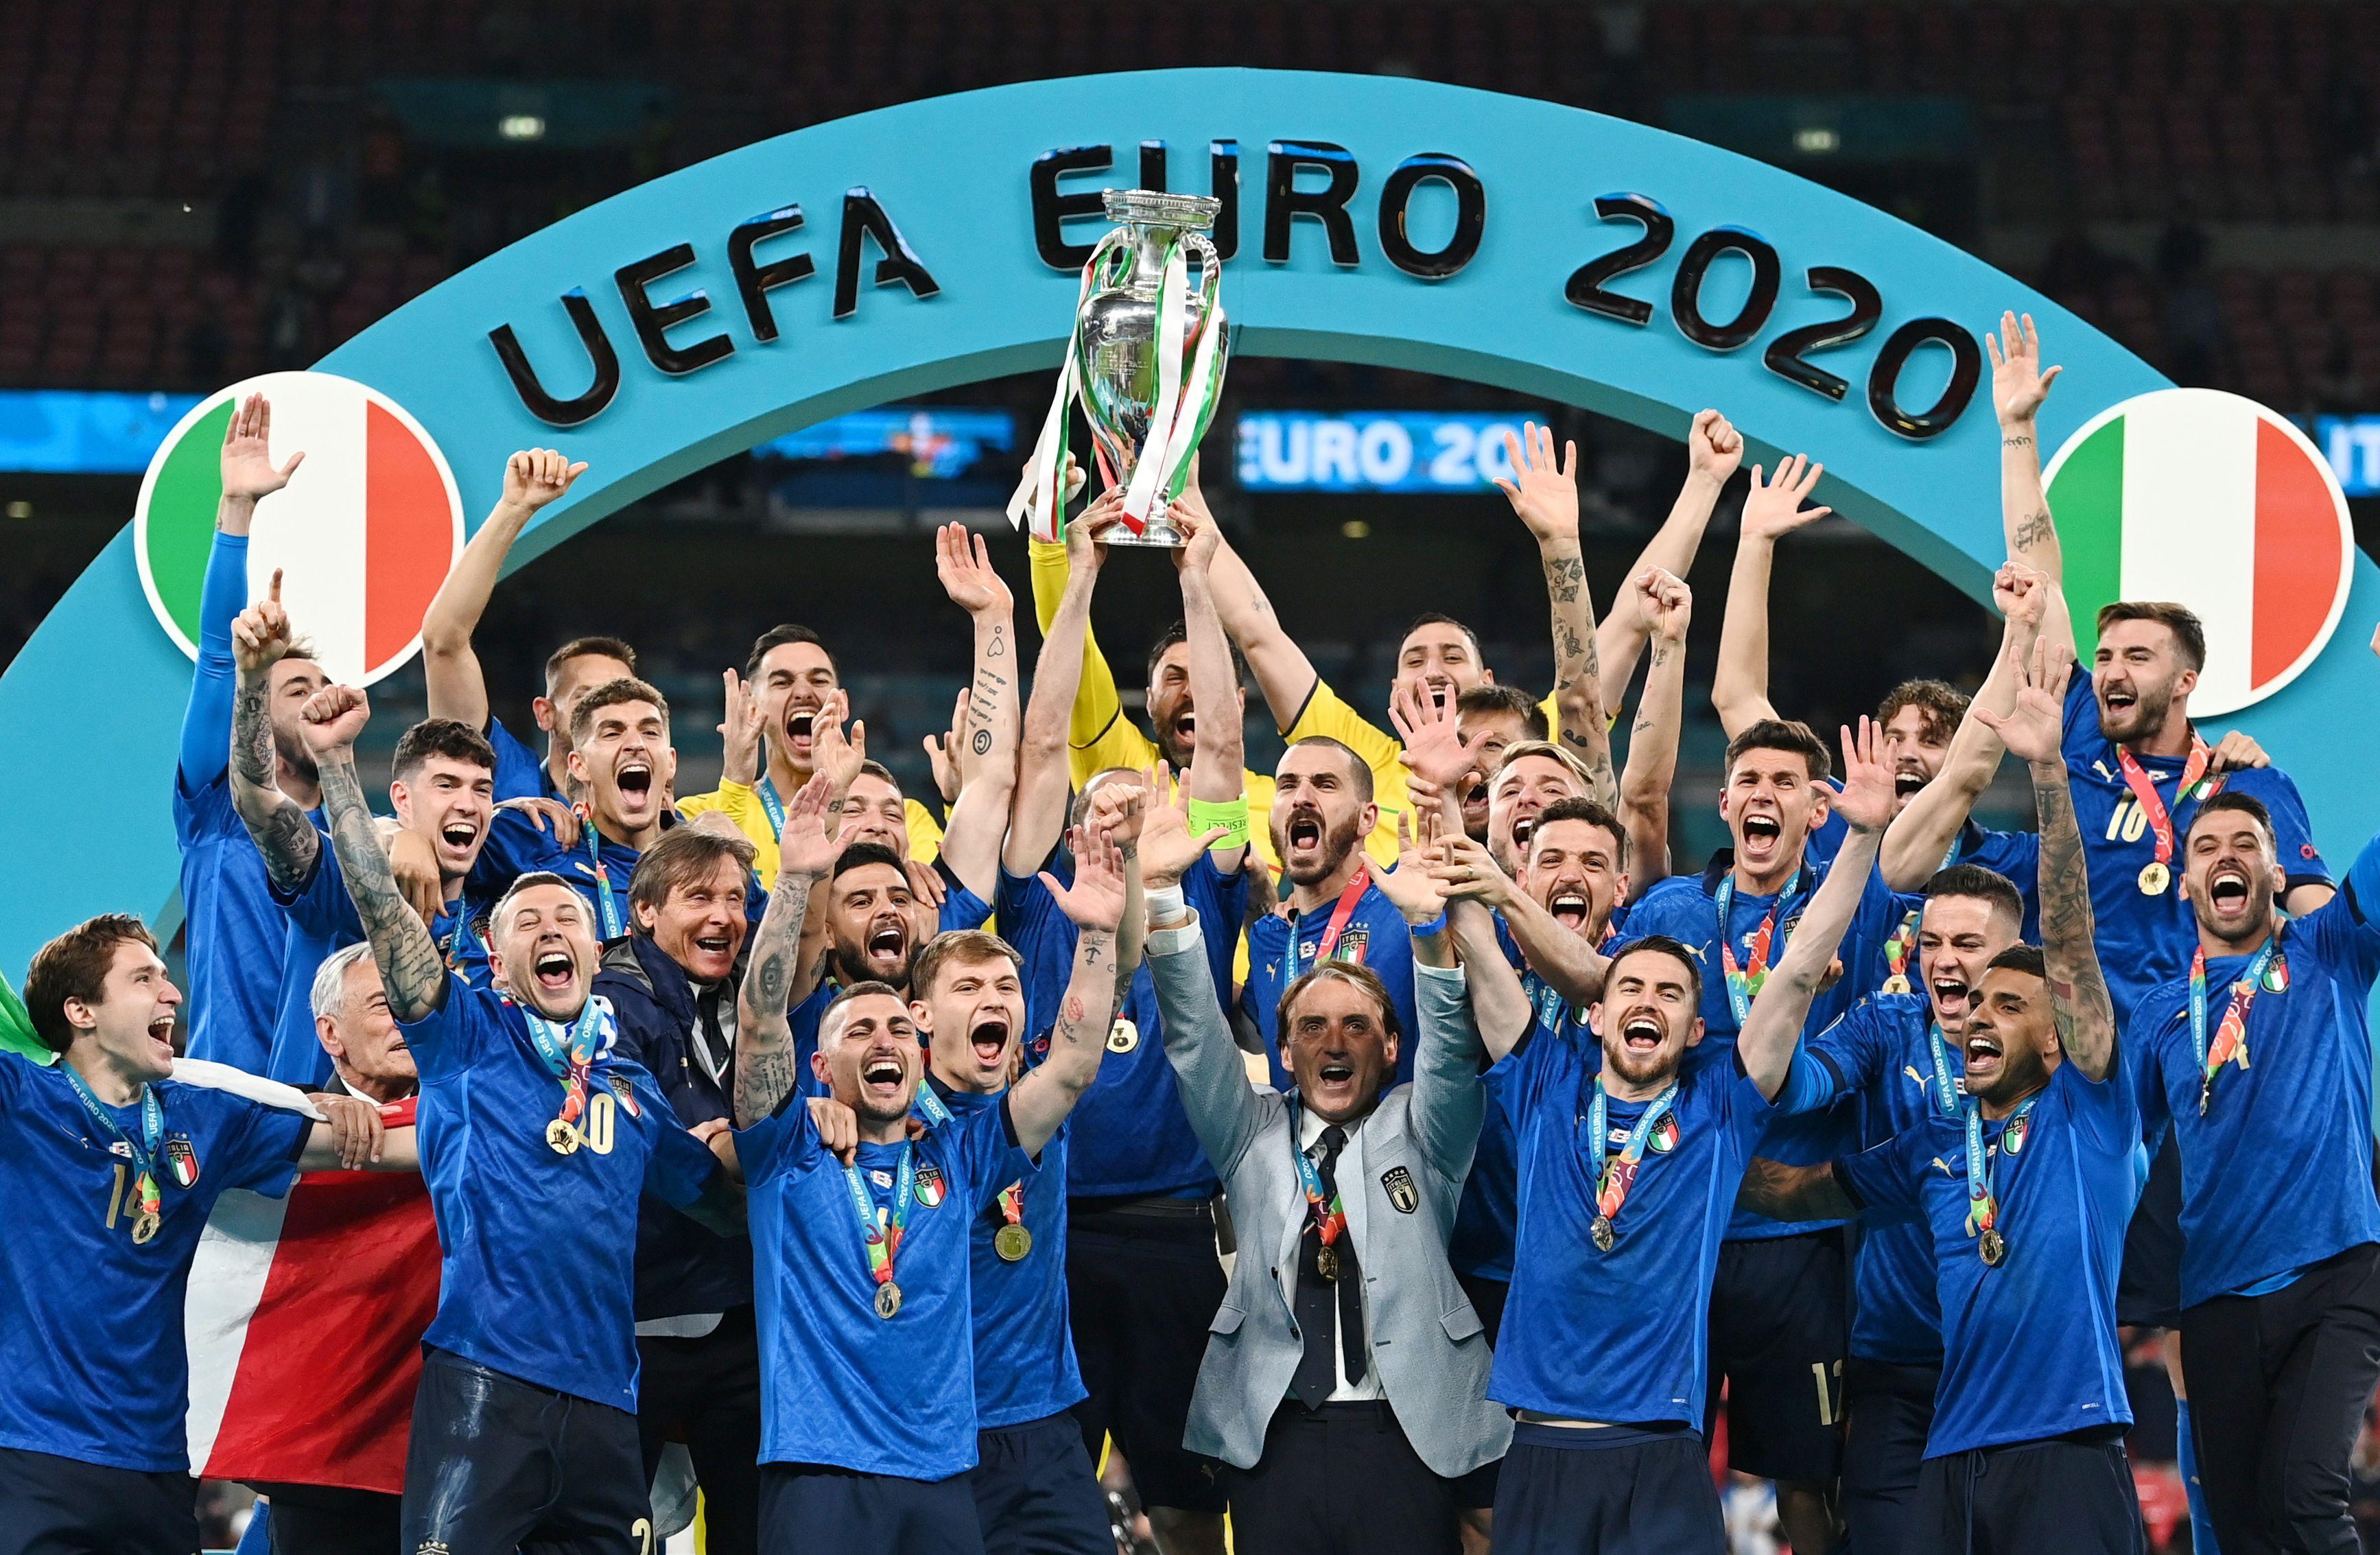 Πάνω από 5 δισεκατομμύρια τηλεθεατές παγκοσμίως παρακολούθησαν το Euro 2020!